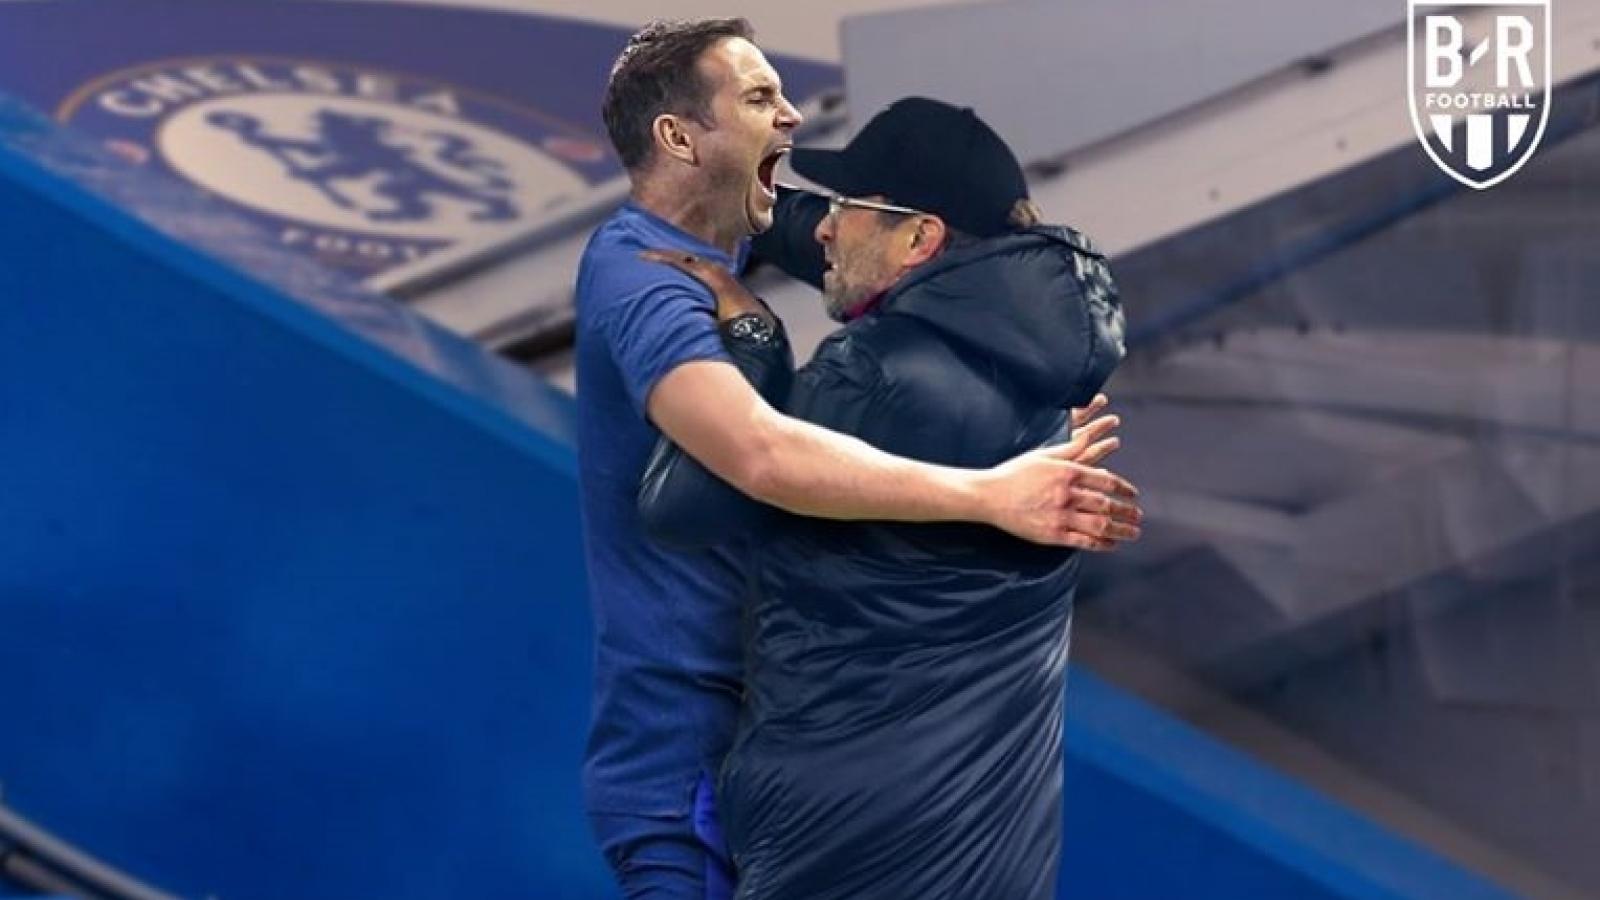 Biếm họa 24h: HLV Klopp nhảy múa cùng HLV Lampard ăn mừng chức vô địch